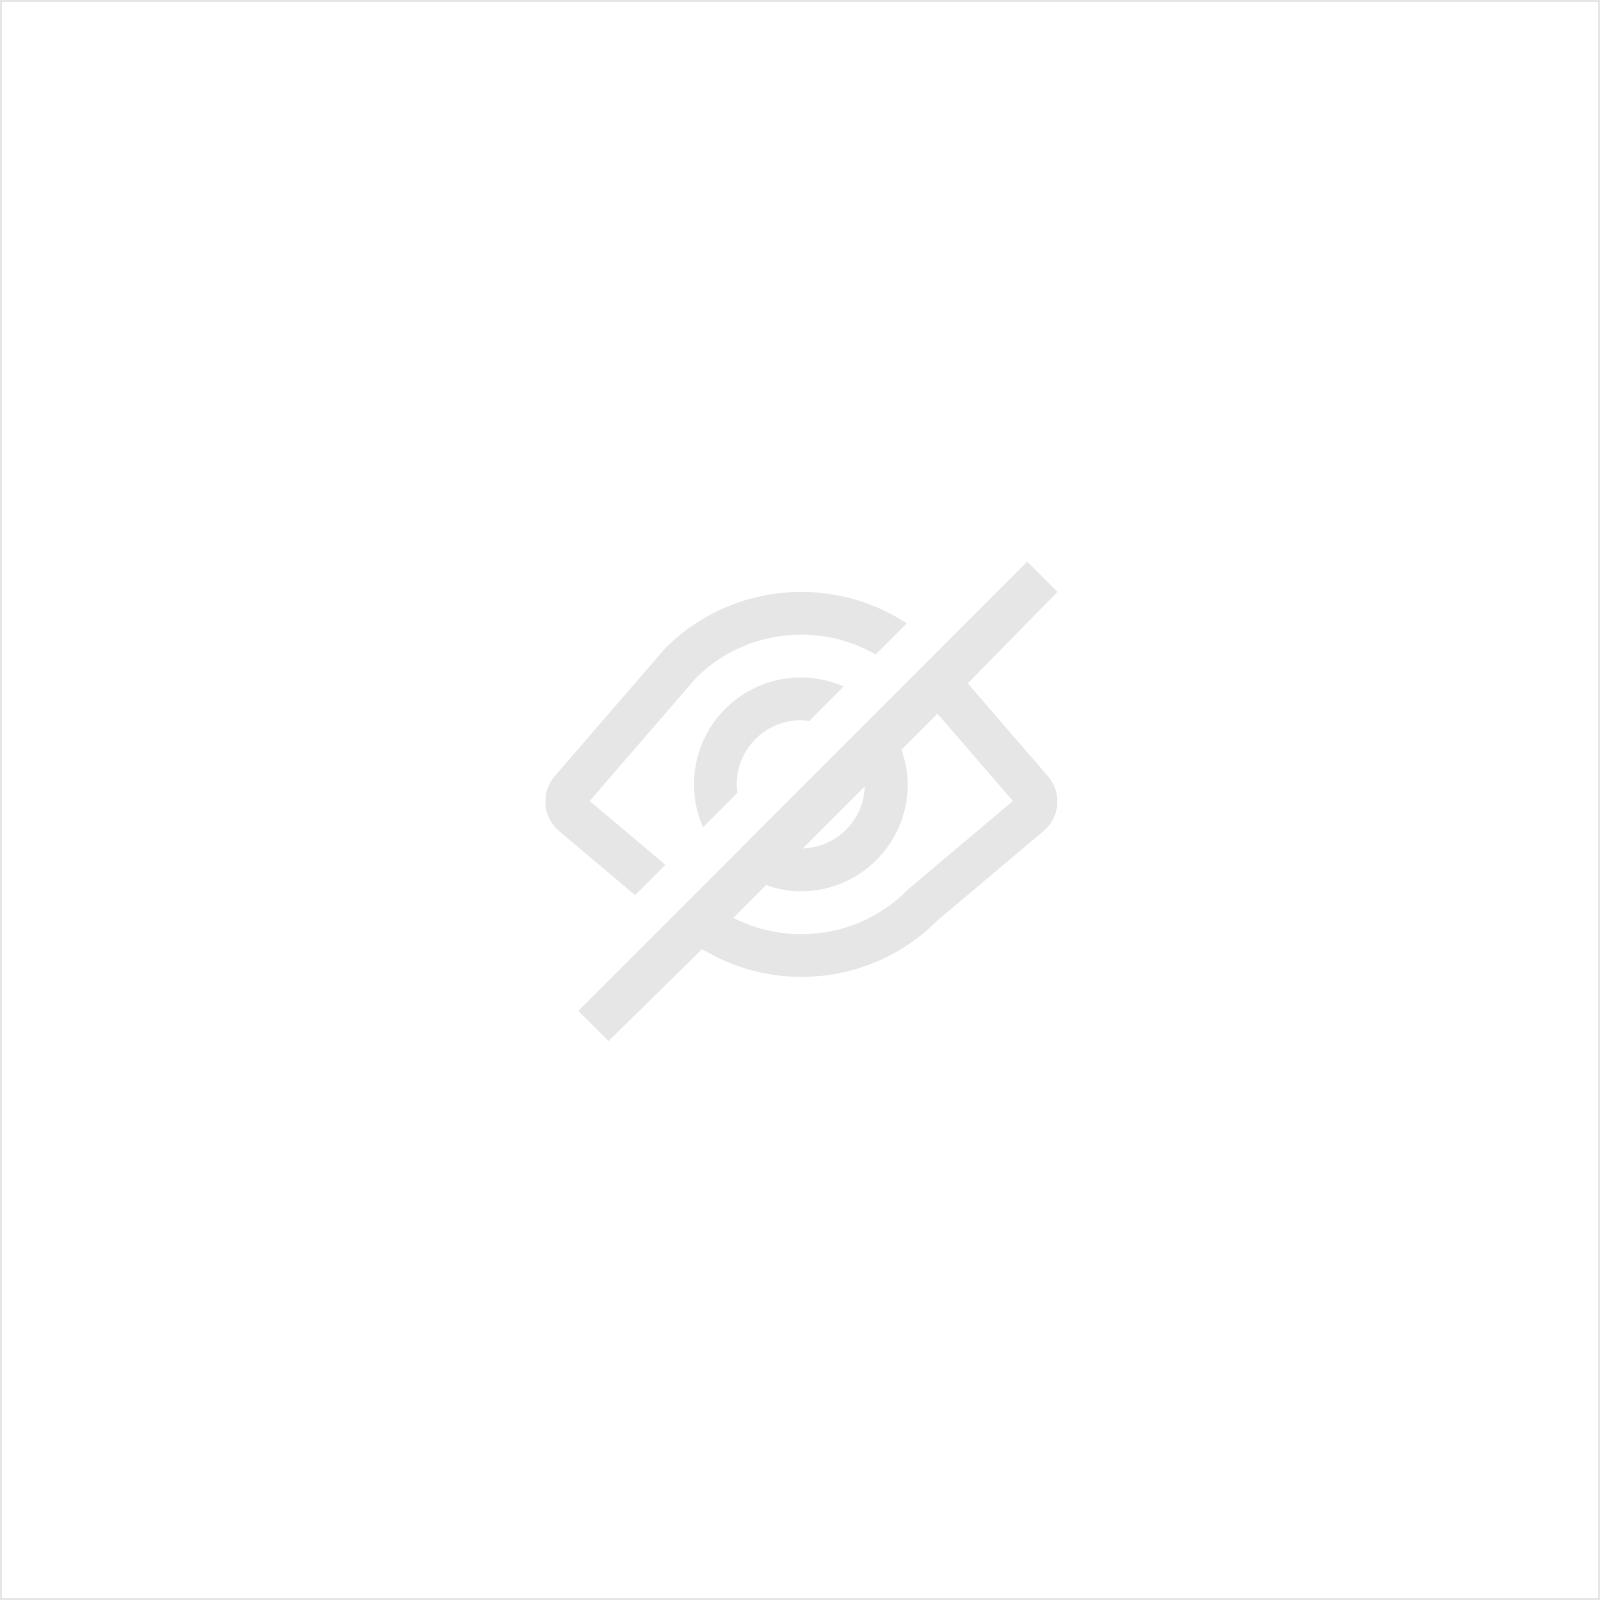 BUSE EN CERAMIQUE POUR USA-100-S 1/8 (3 PCS)